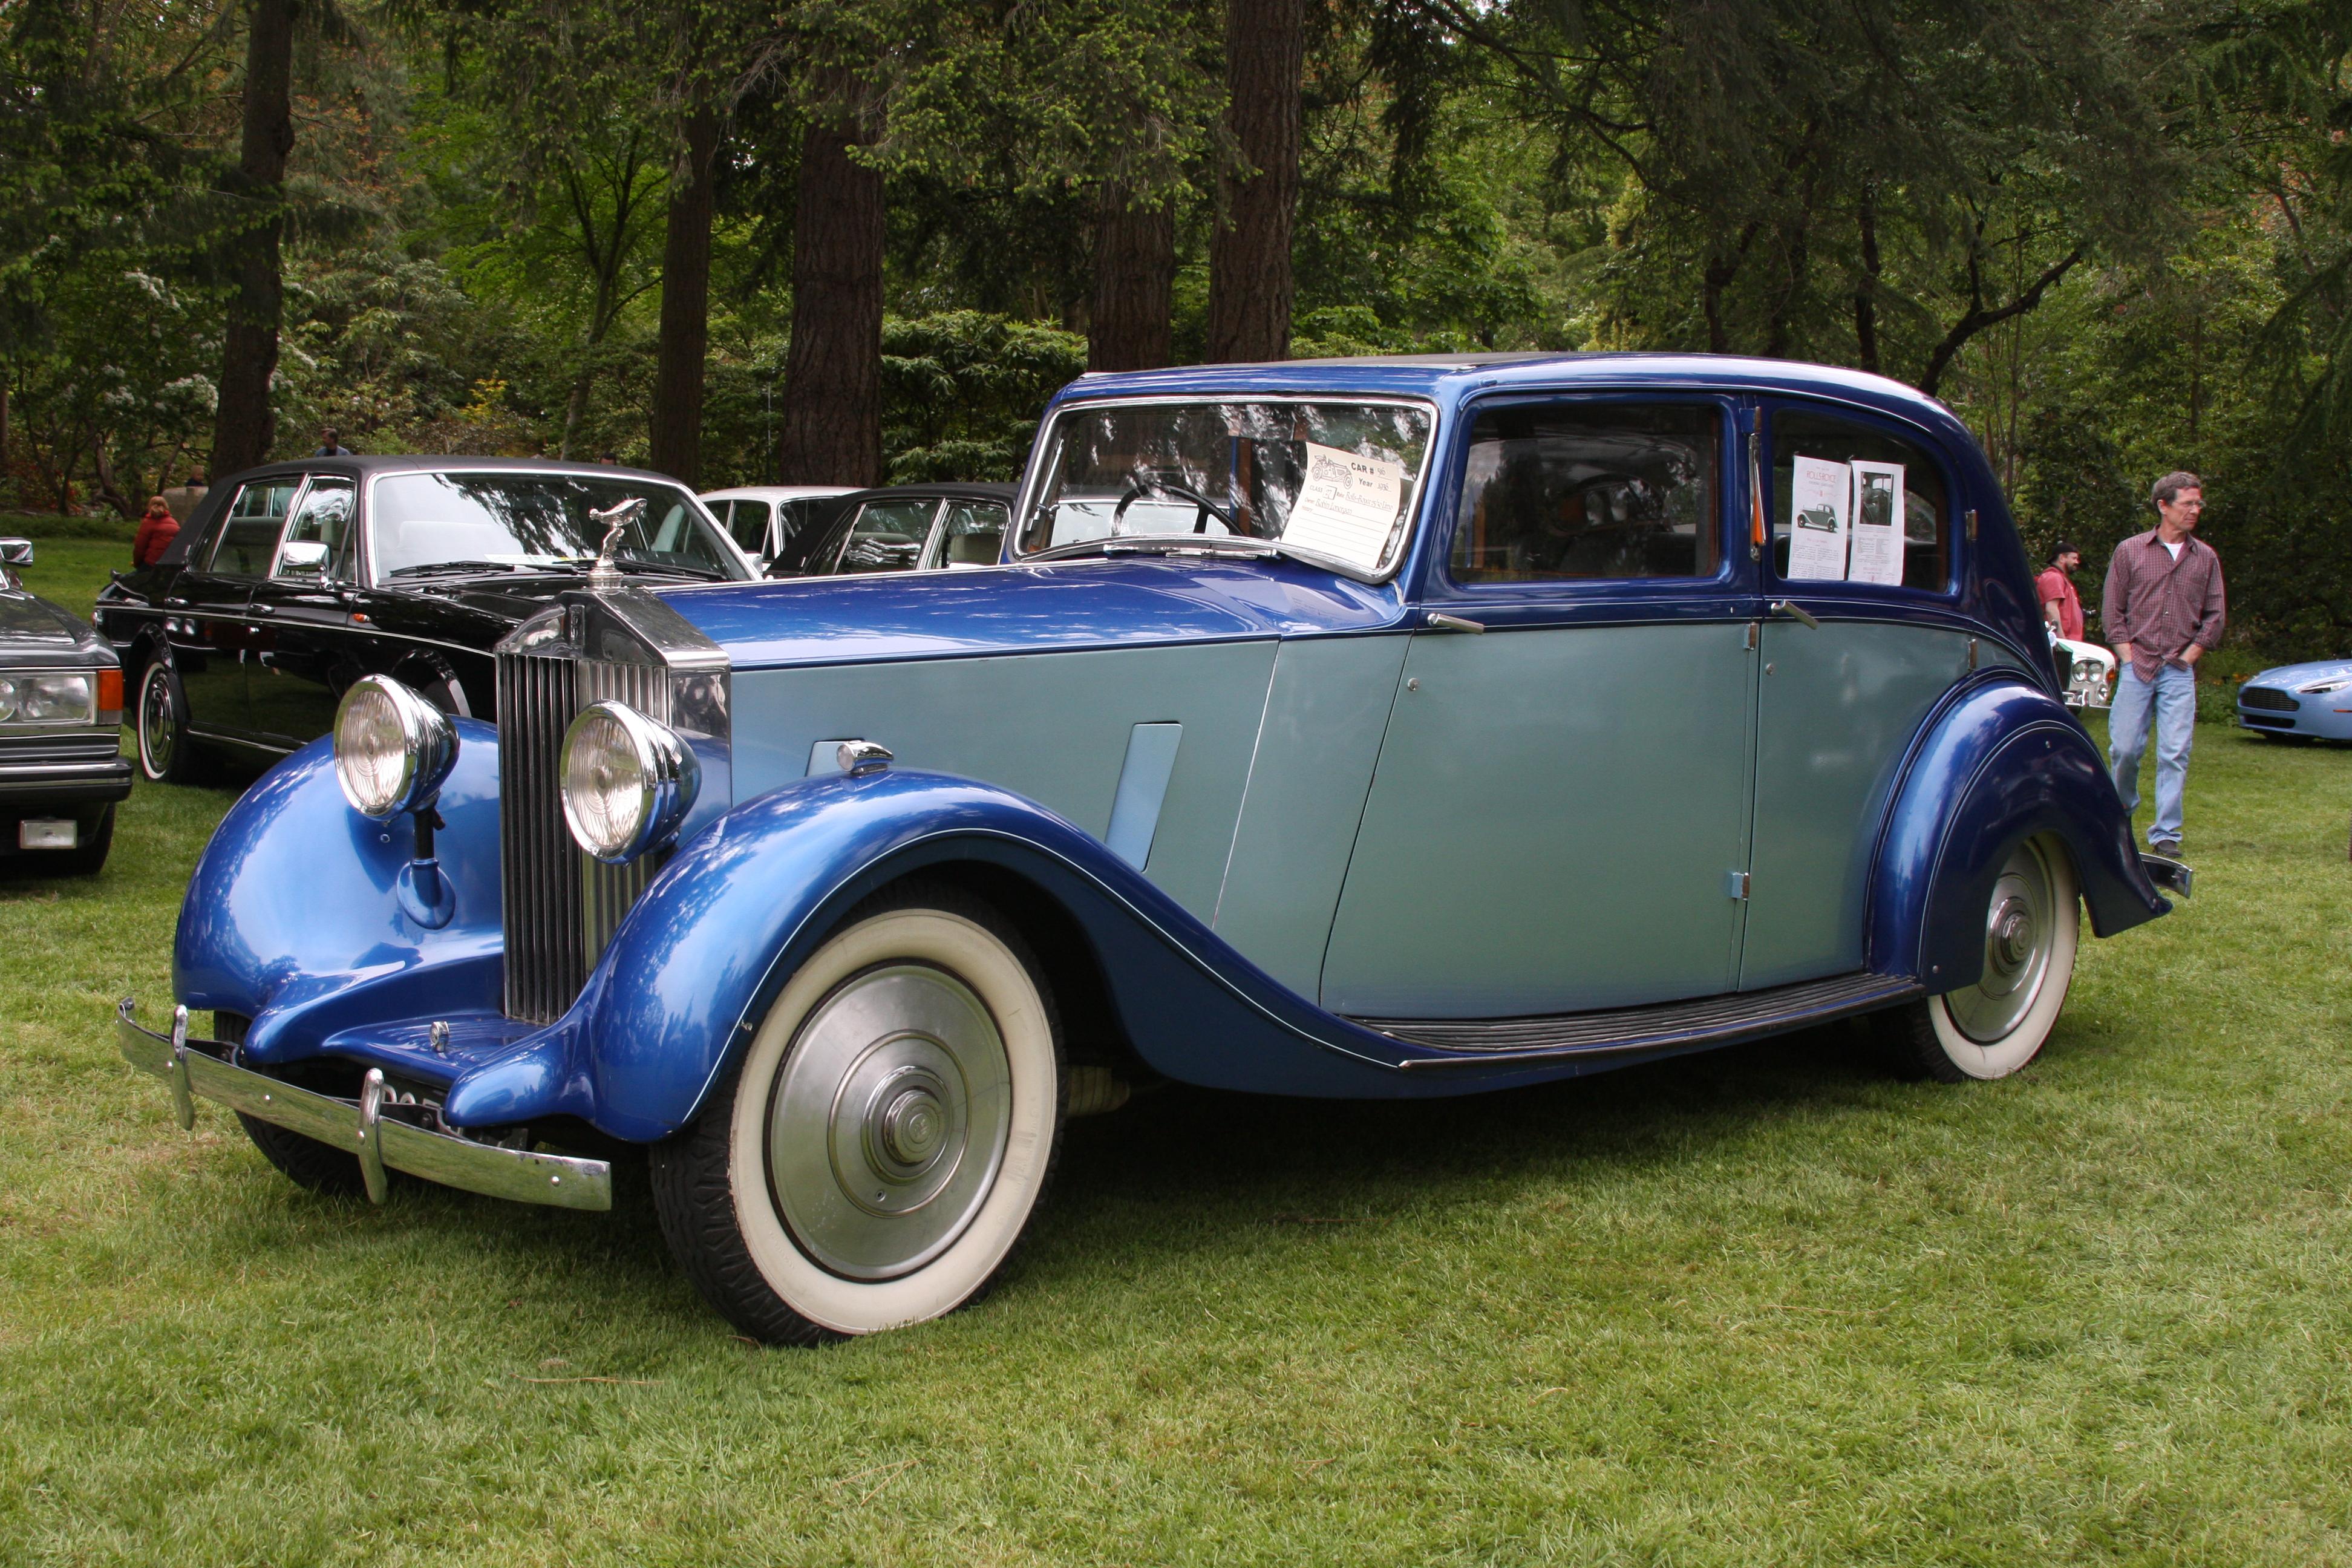 Rolls Royce Limo >> File:1936RollsRoyce25-30Limo.jpg - Wikimedia Commons